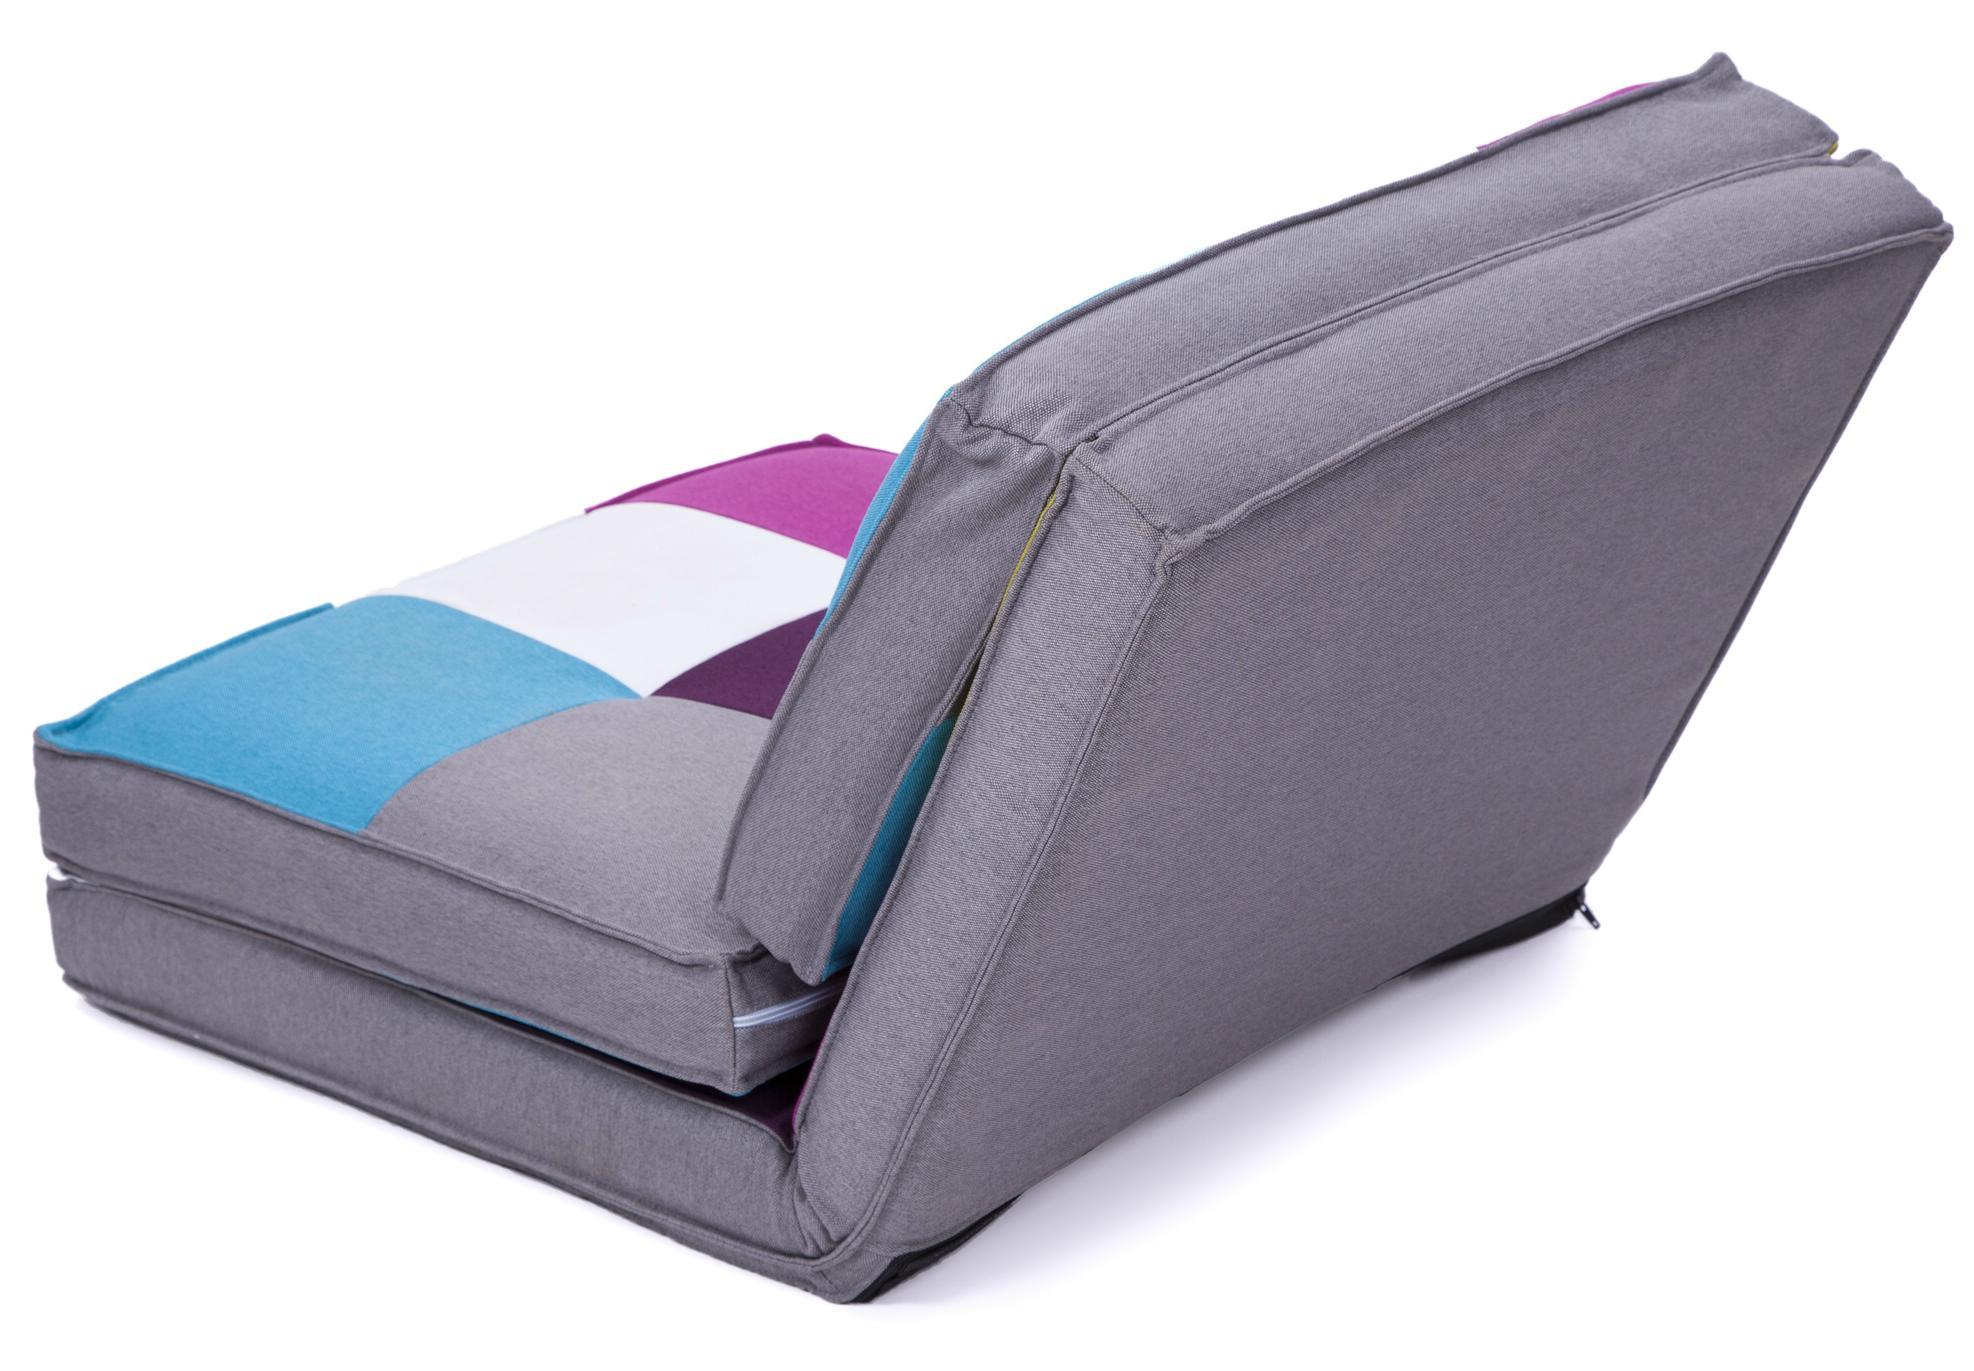 Letto per gli ospiti poltrona materasso ripiegabile divano for Letto per gli ospiti